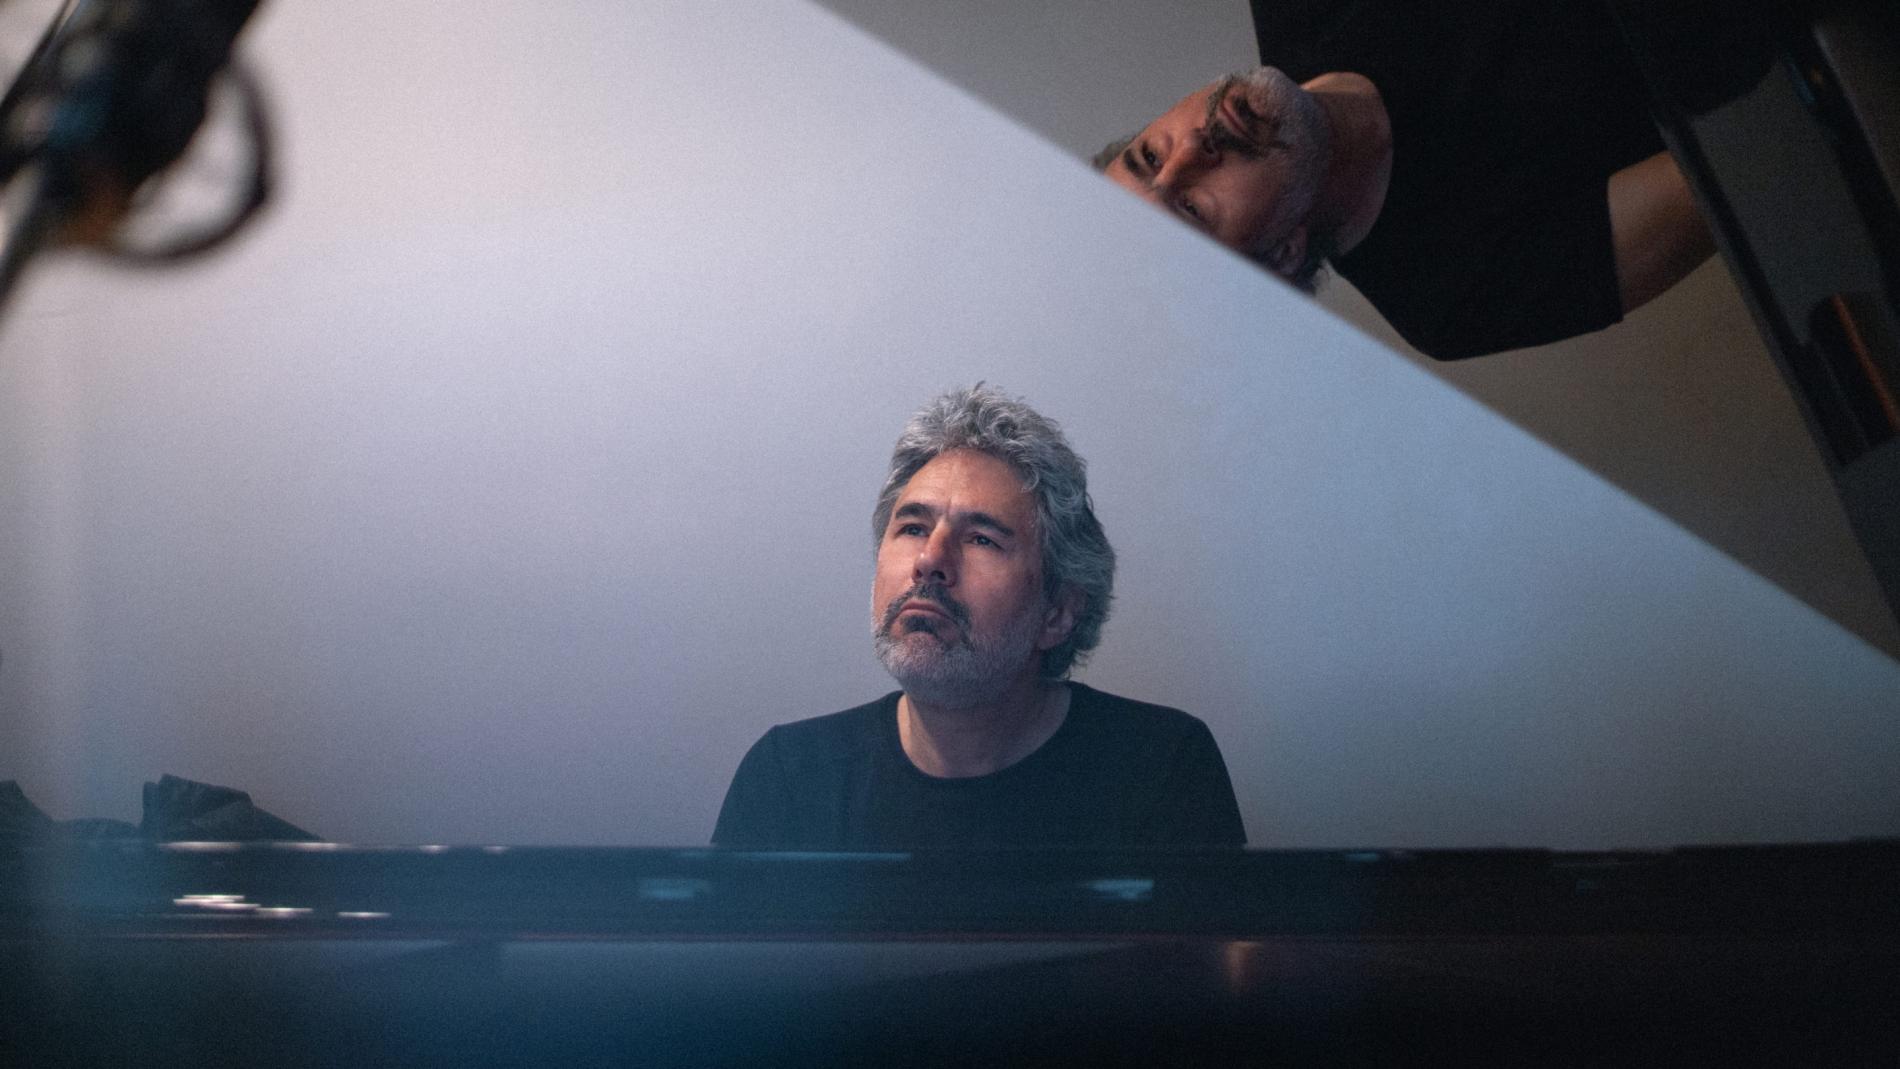 Jean-Michel Pilc at the piano